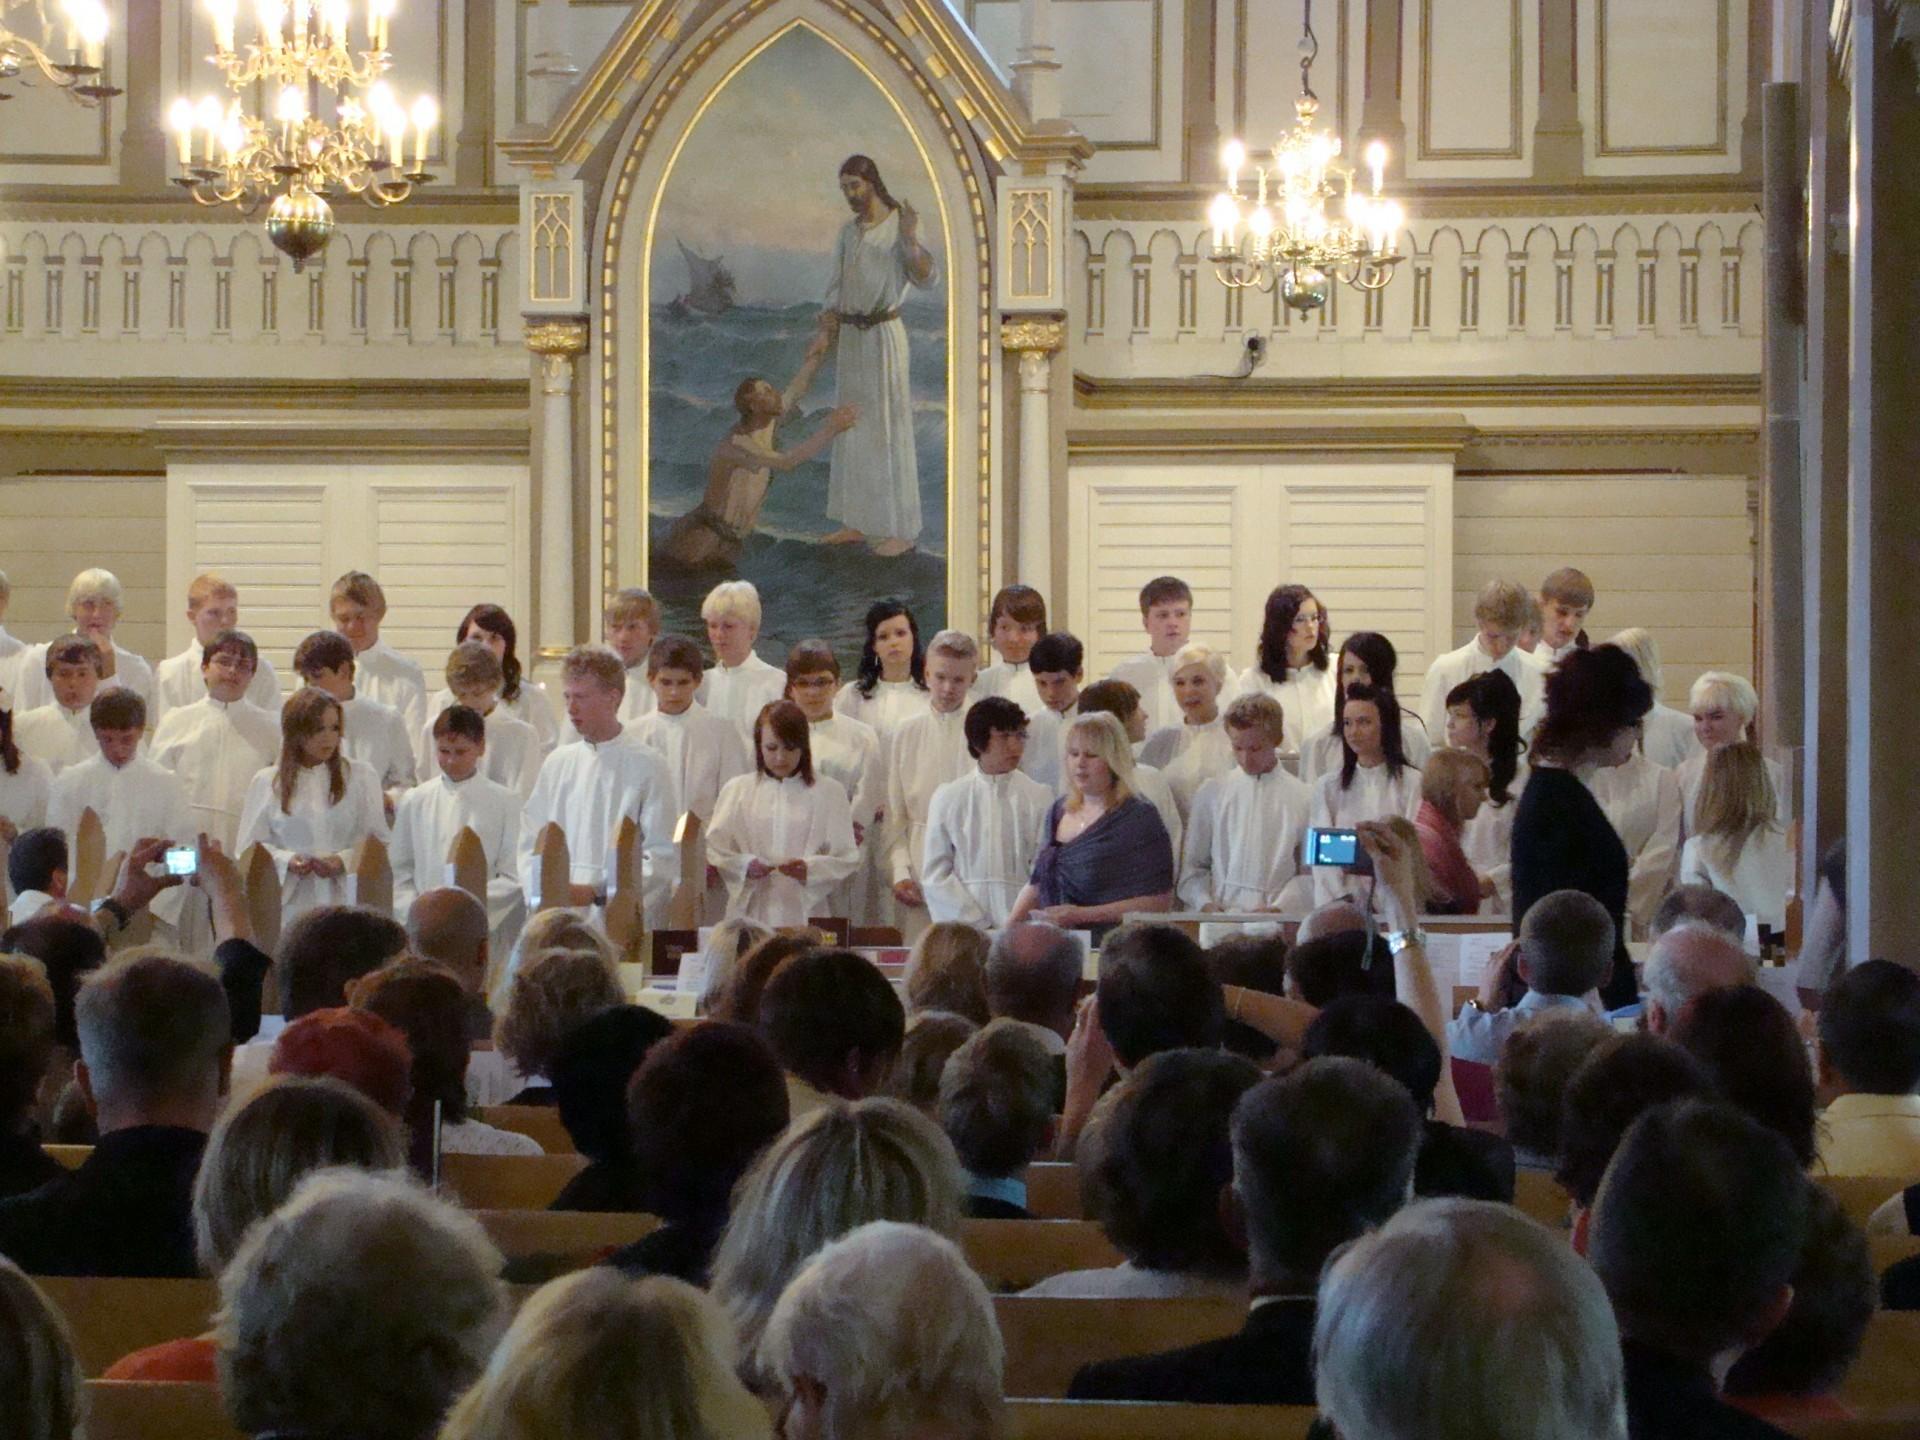 Konfirmaatio Kajaanin kirkossa heinäkuussa 2010. Taustalla T. G. Tuhkasen maalaama alttaritaulu.